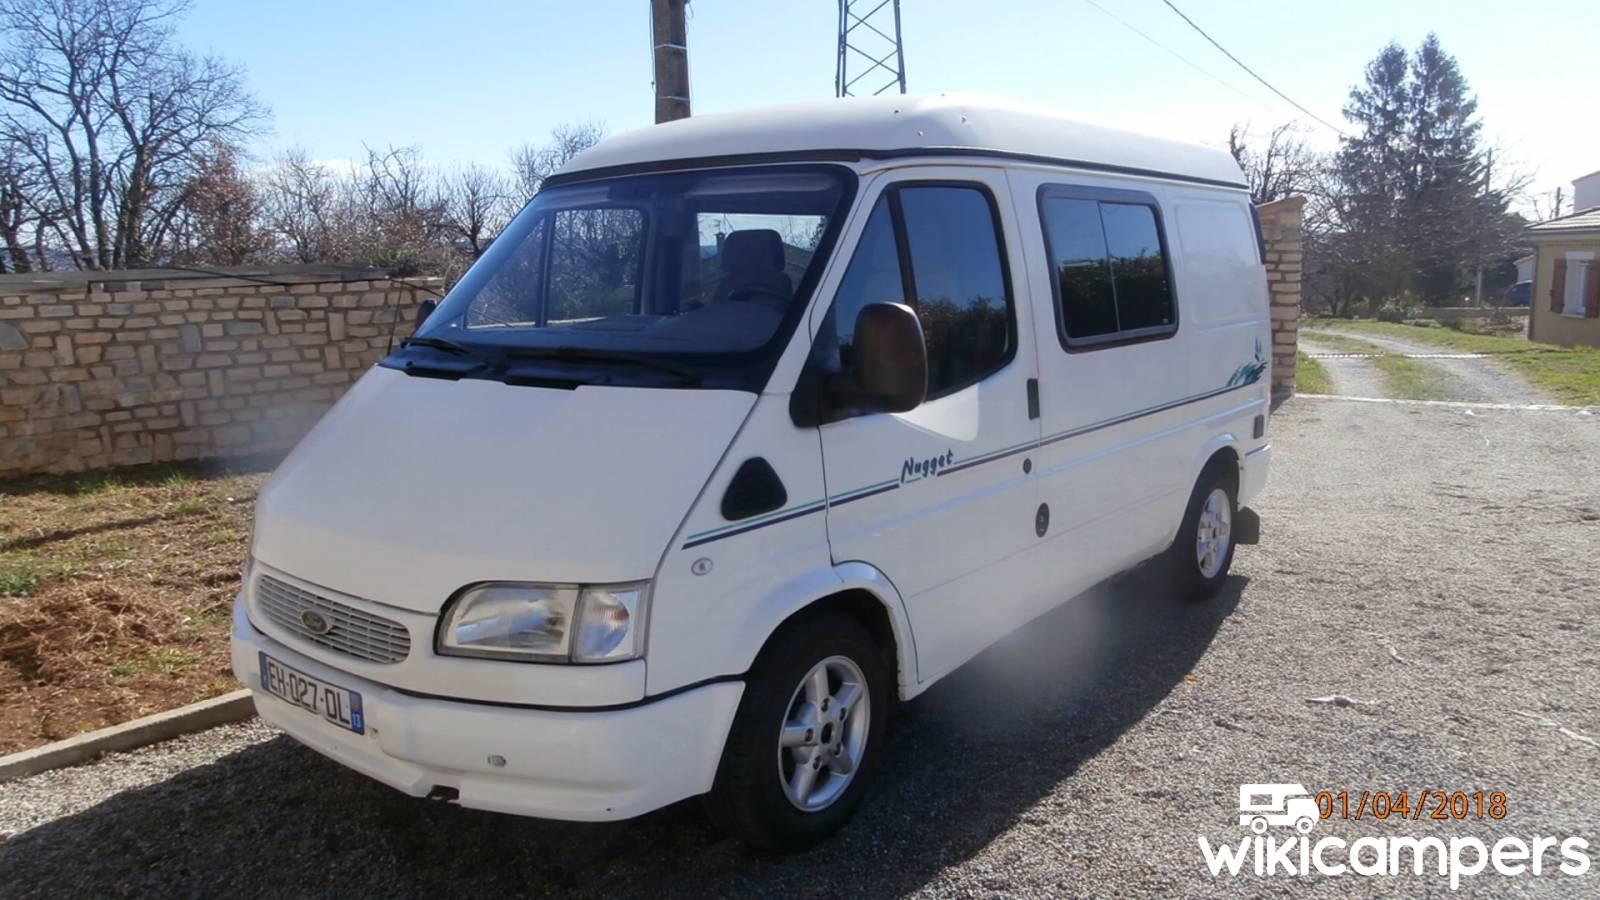 Rental van Carnoux-en-Provence (13) - Ford WESTFALIA Transit Nugget -  Wikicampers